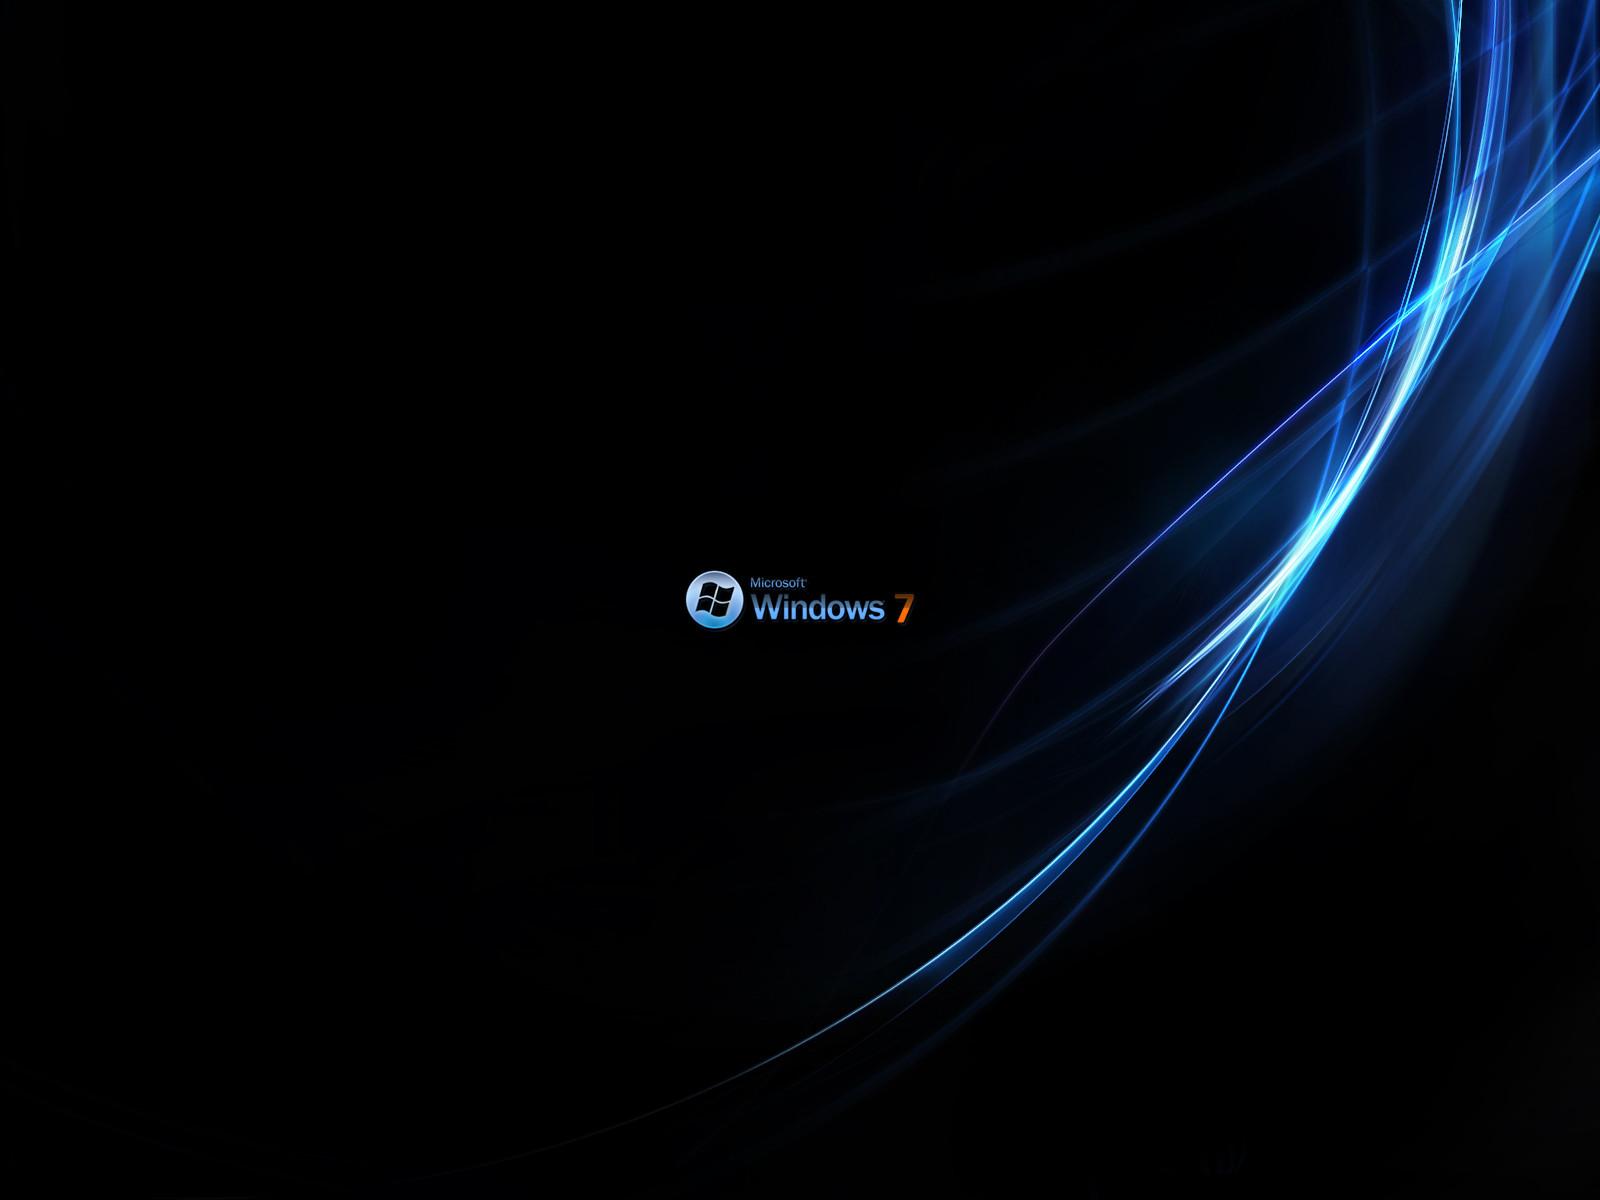 http://3.bp.blogspot.com/_rPzgSOxjY0I/TJkz5OiDchI/AAAAAAAAAAo/SbJi1DjzELY/s1600/windows-7-blue-orange-black-wallpaper.jpg